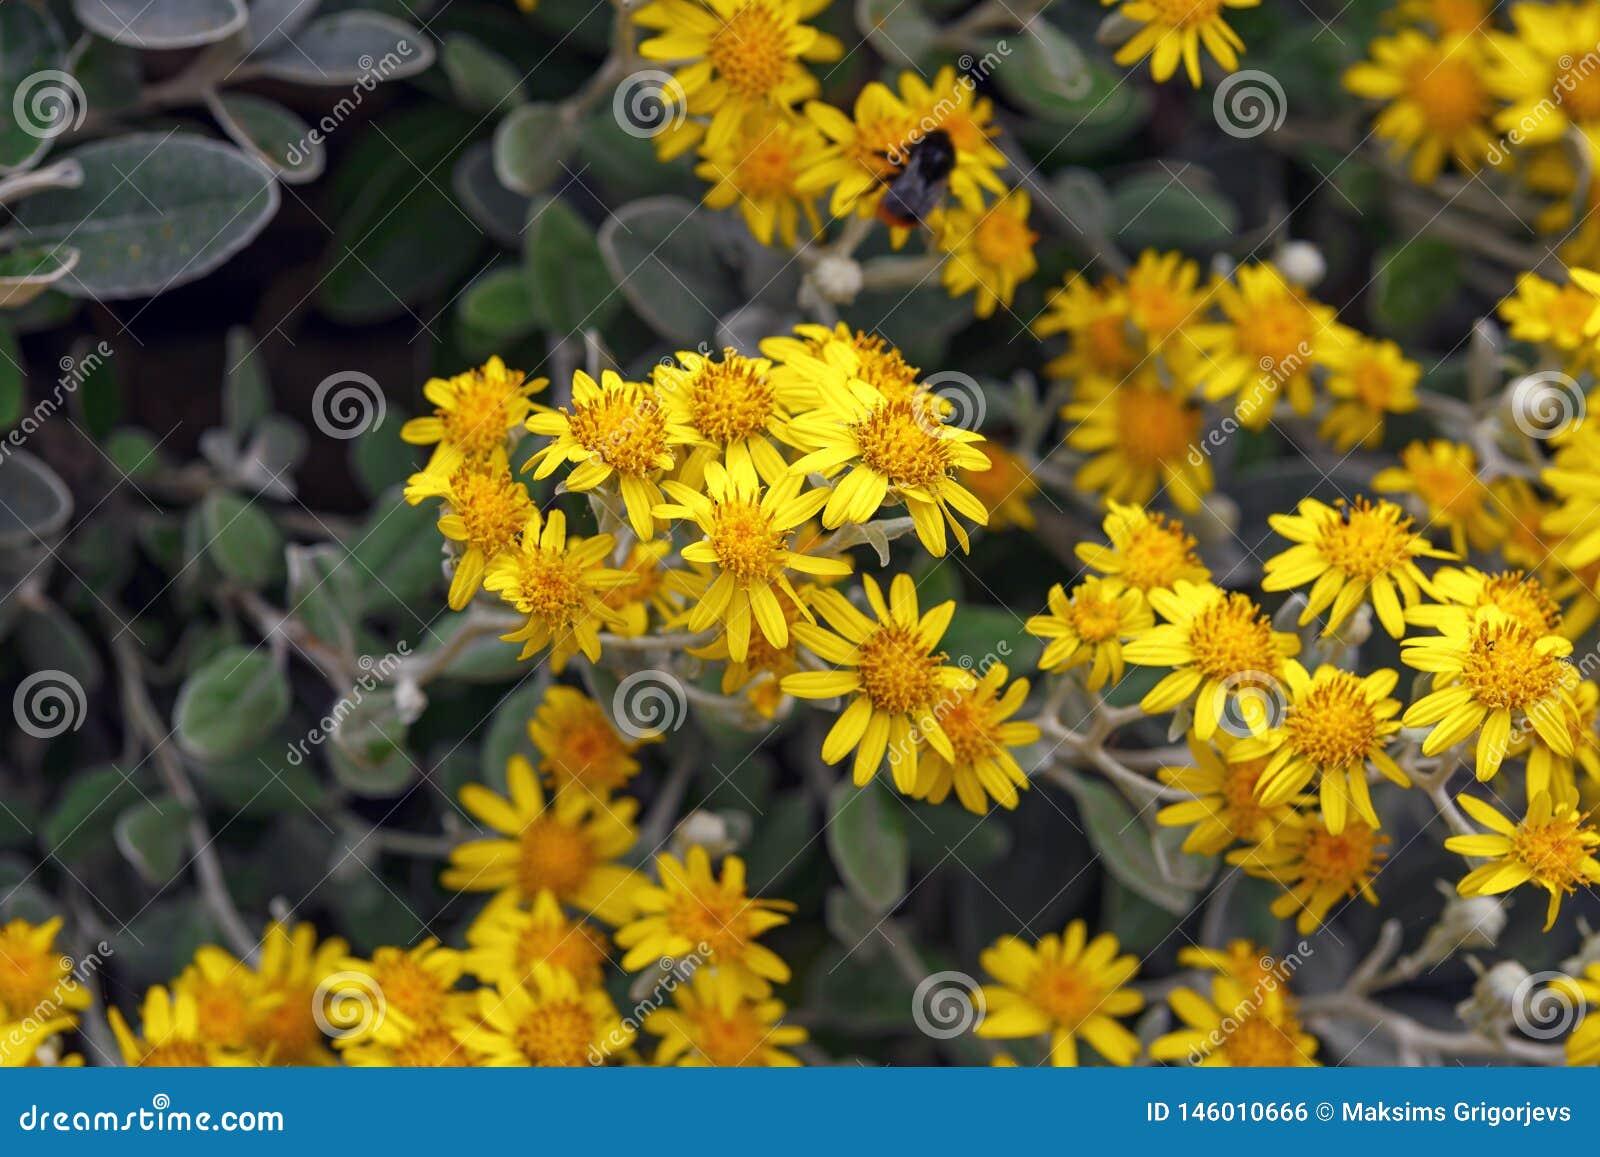 De gele bloemen van Brachyglottis-greyi, riepen Senecio-ook greyi, met de struik van het algemene naammadeliefje